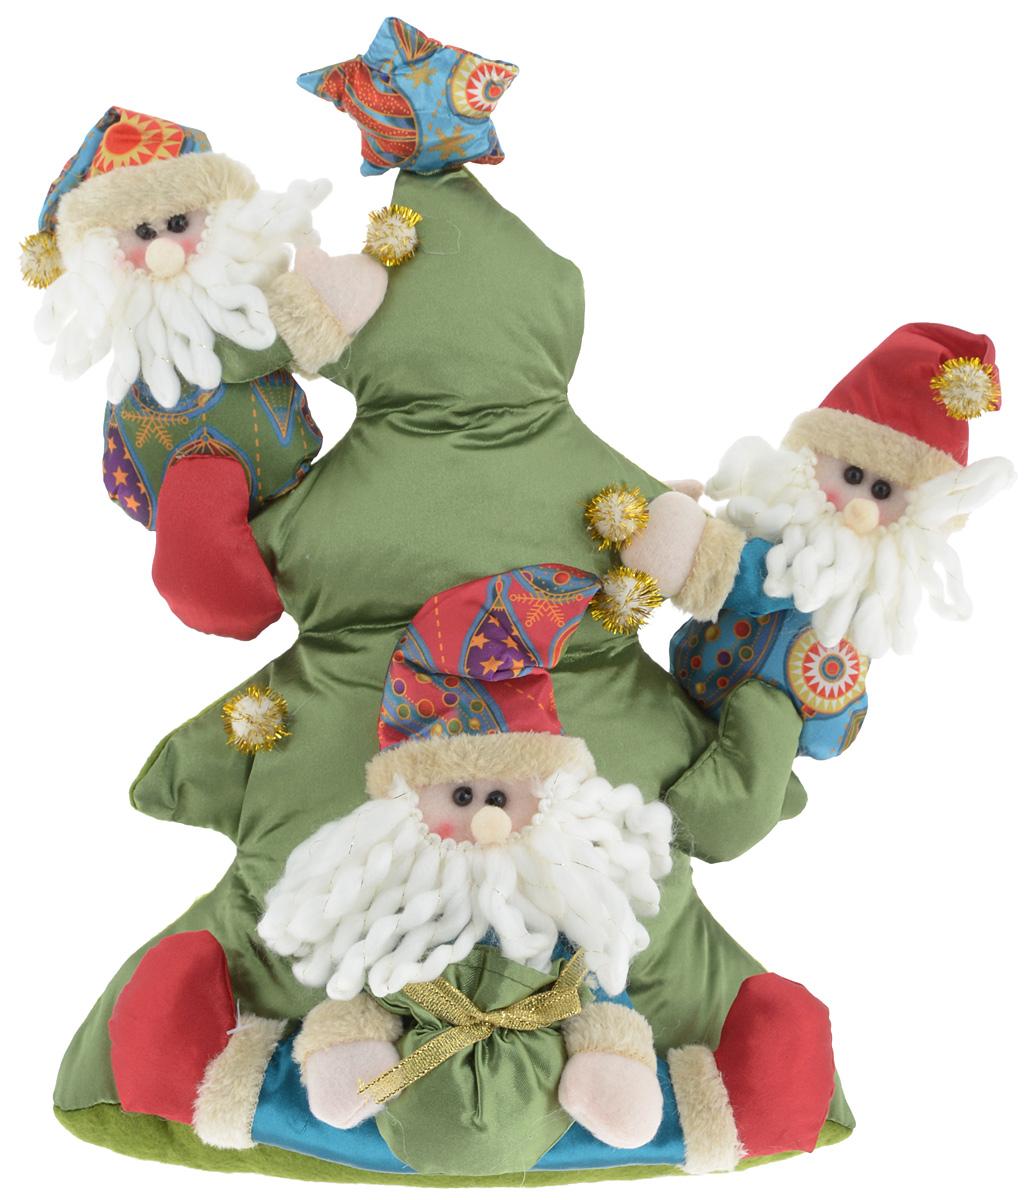 Украшение новогоднее декоративное Win Max Веселый праздник. Дед Мороз, высота 34 смJUM 14308Украшение новогоднее декоративное Win Max Веселый праздник. Дед Мороз прекрасно подойдет для праздничного декора вашего дома. Изделие выполнено из текстиля с наполнителем из синтепона в виде трех Дедов Морозов, которые карабкаются на елку. Для утяжеления и повышения устойчивости игрушки служит гранулят из полимера. Новогодние украшения несут в себе волшебство и красоту праздника. Они помогут вам украсить дом к предстоящим праздникам и оживить интерьер. Создайте в доме атмосферу тепла, веселья и радости, украшая его всей семьей.Кроме того, такая игрушка станет приятным подарком, который надолго сохранит память этого волшебного времени года.